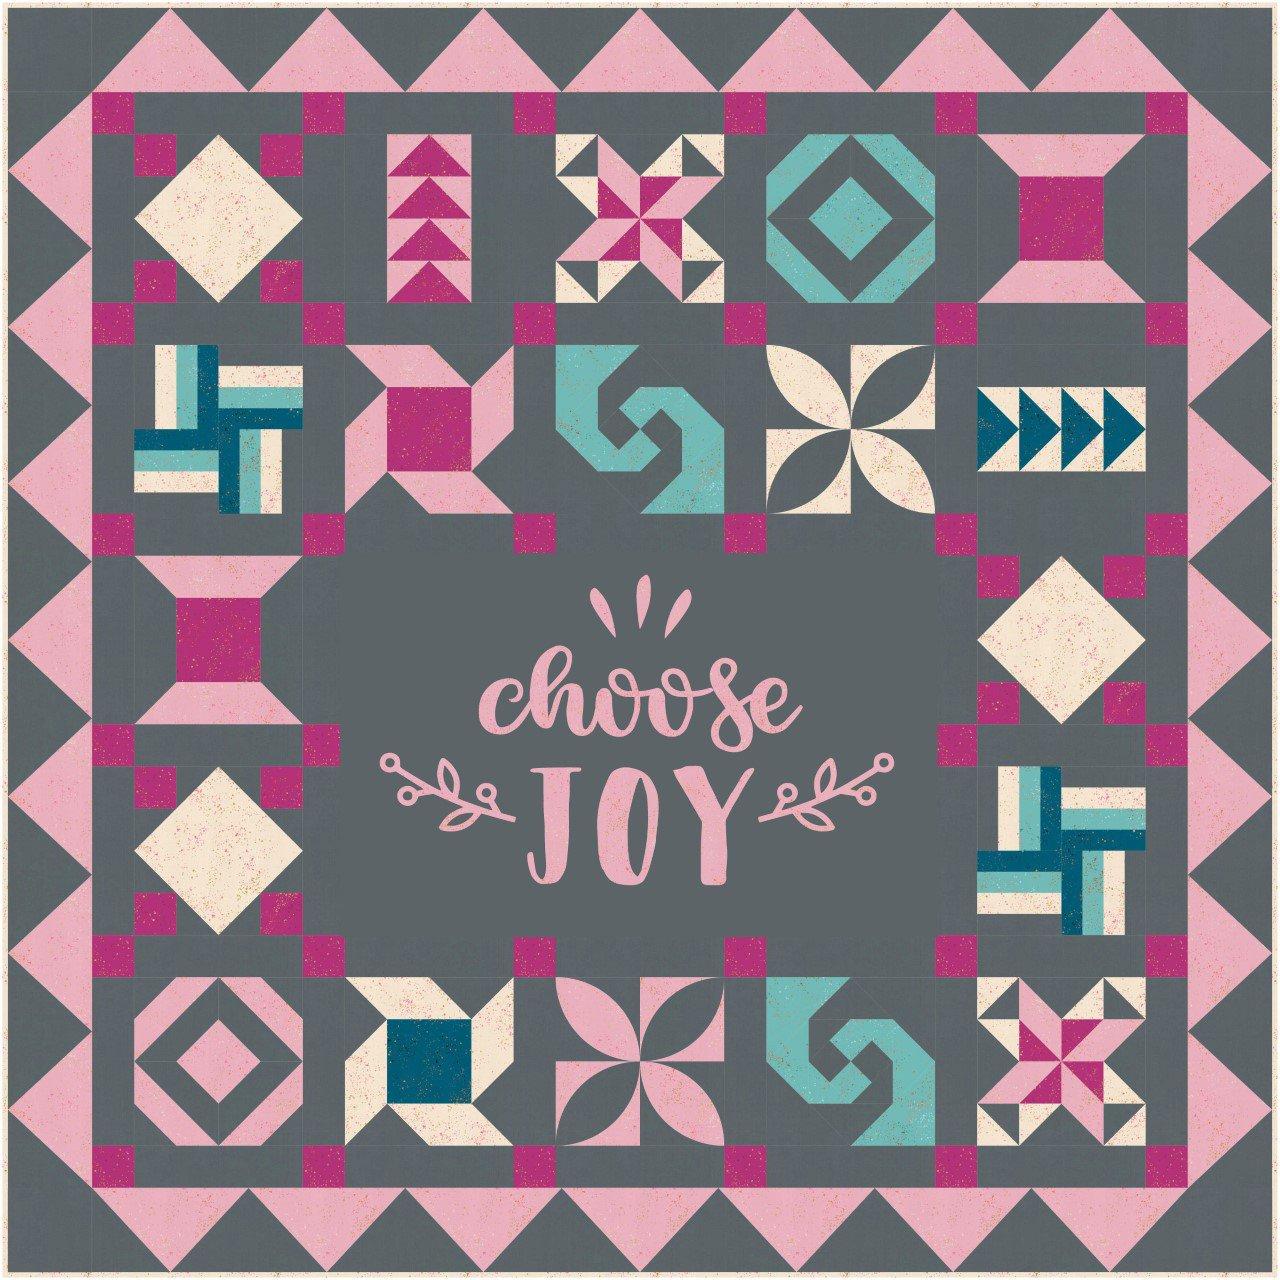 Choose Joy - Speckled